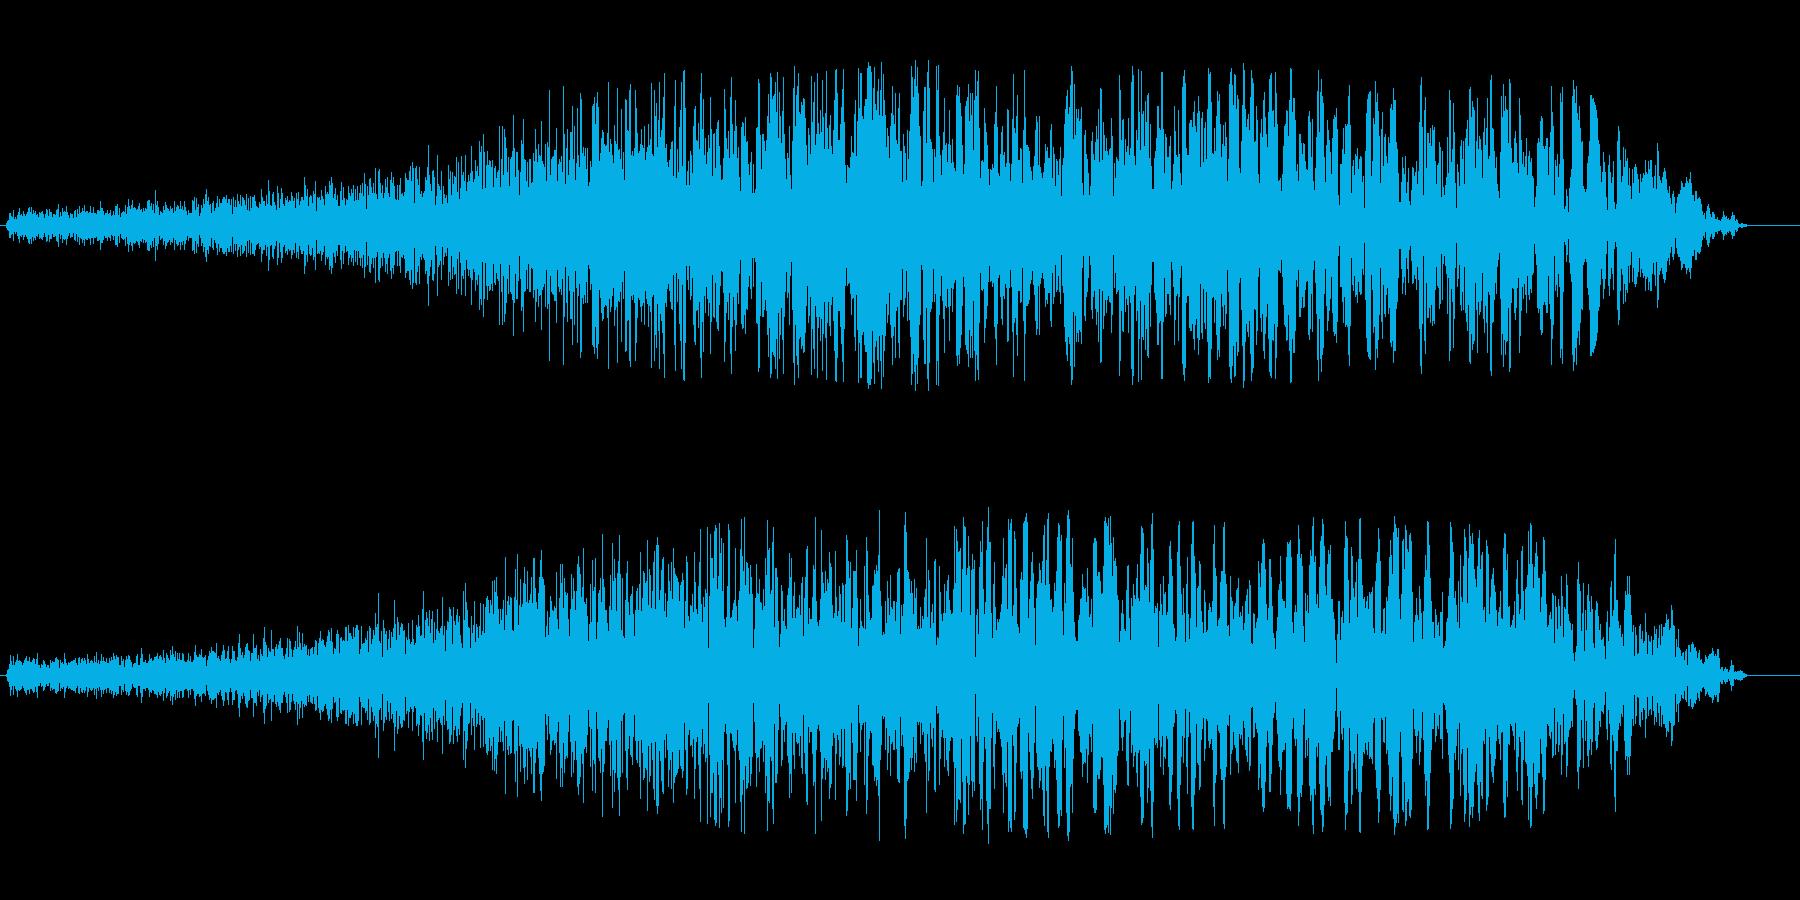 透明感のある、接近してくる風音の再生済みの波形